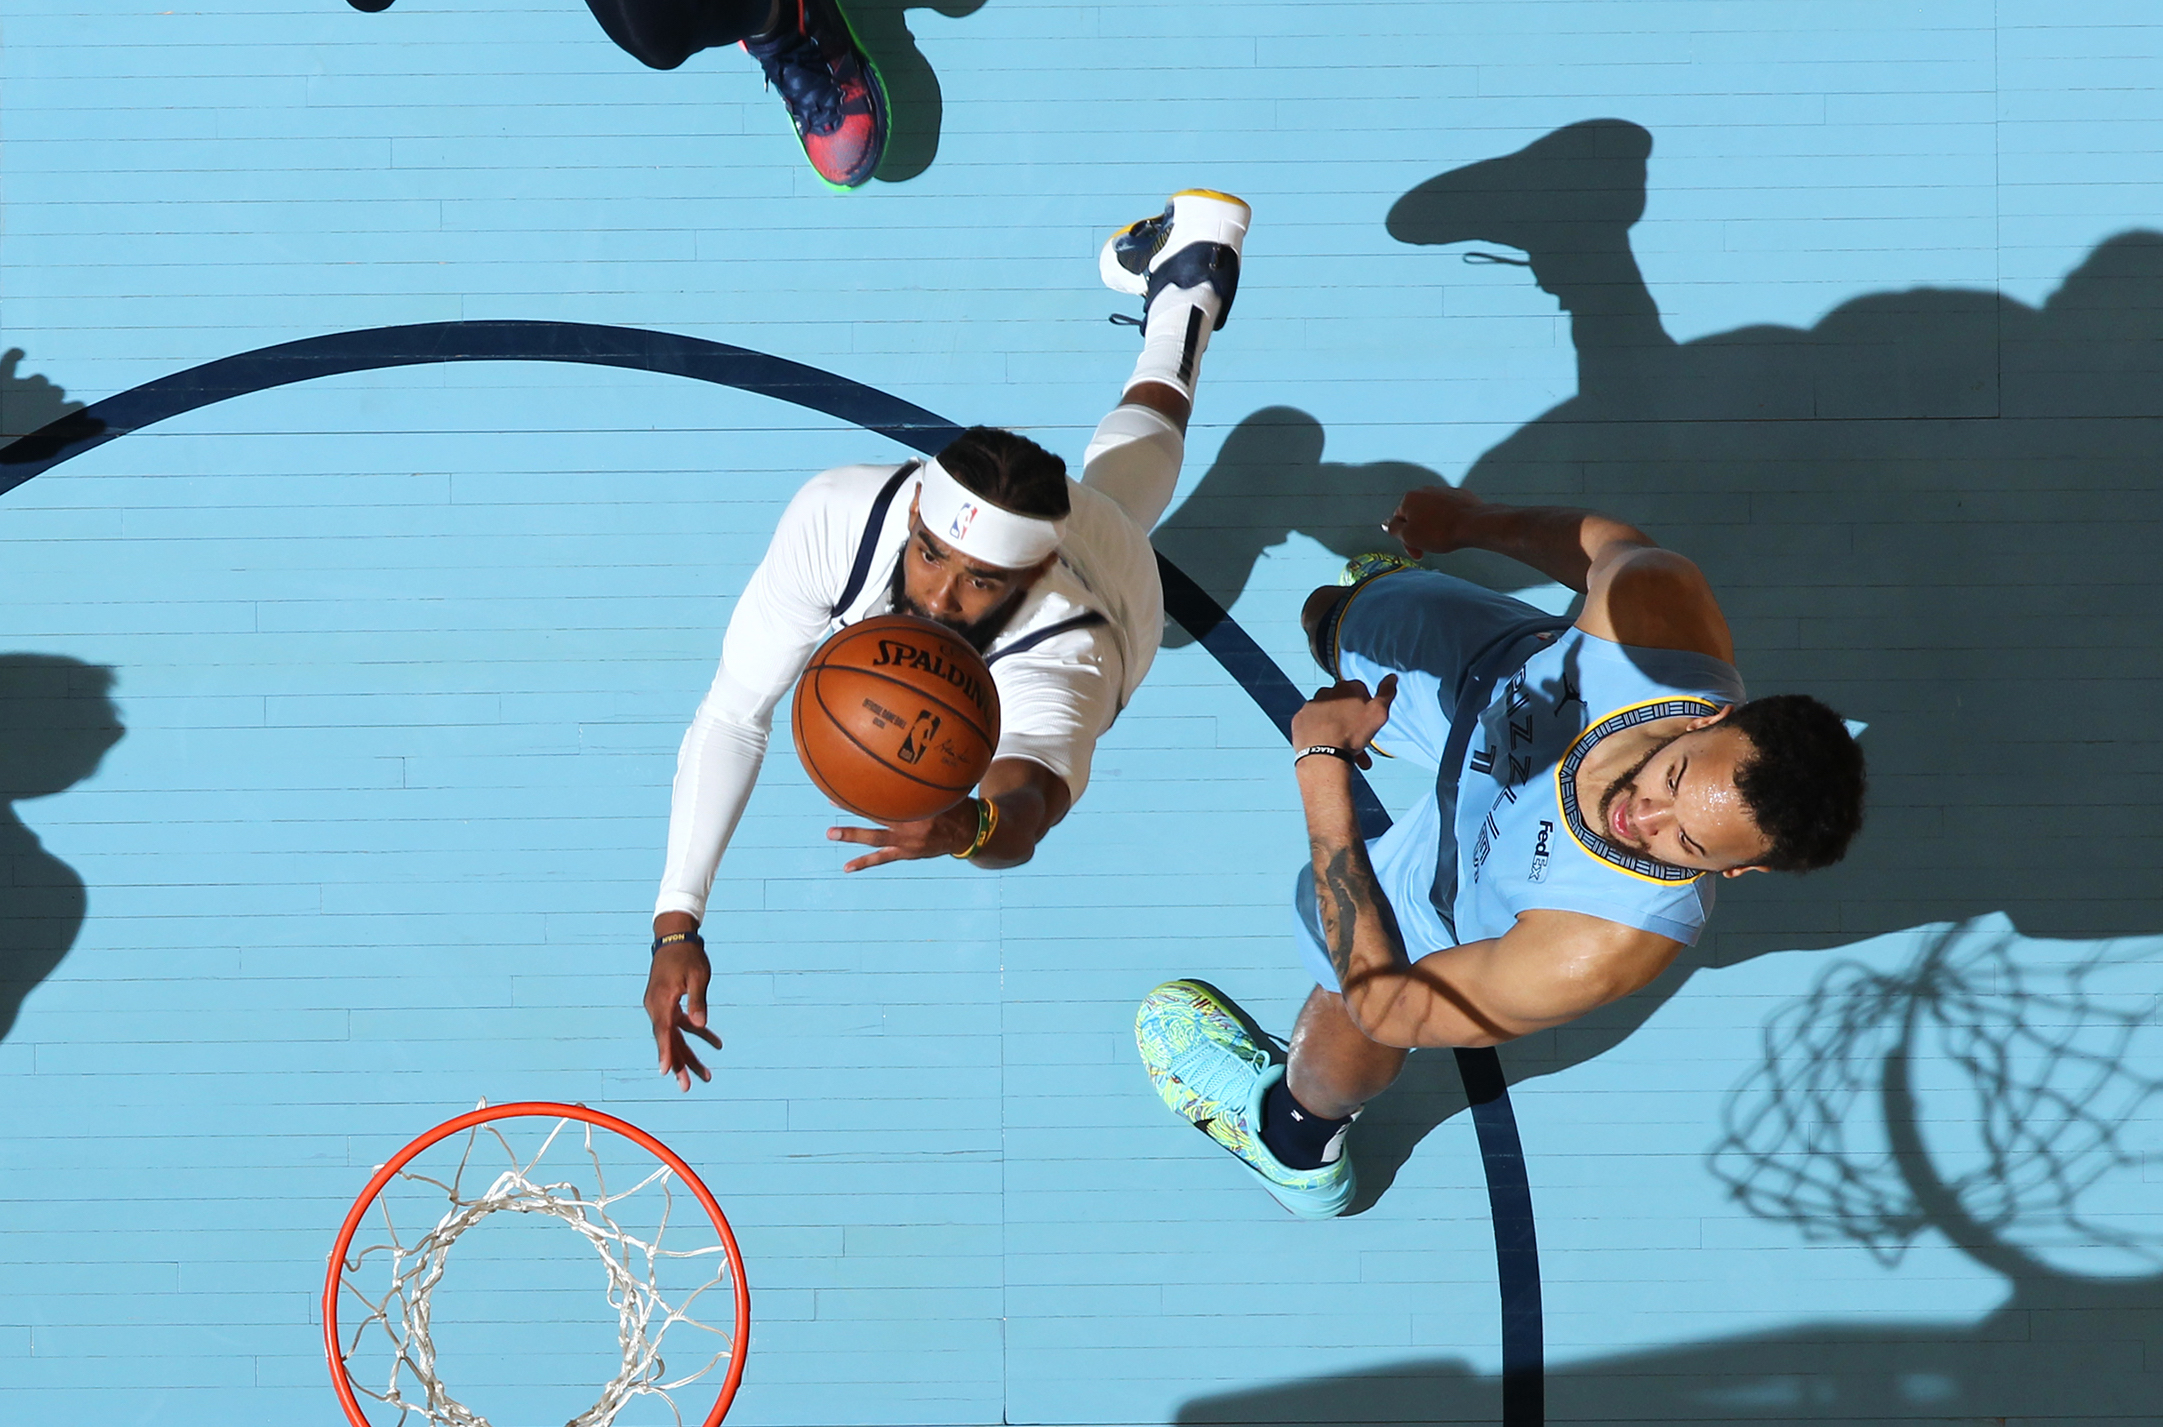 Mike Conley Posts 27 points & 8 assists vs. Memphis Grizzlies